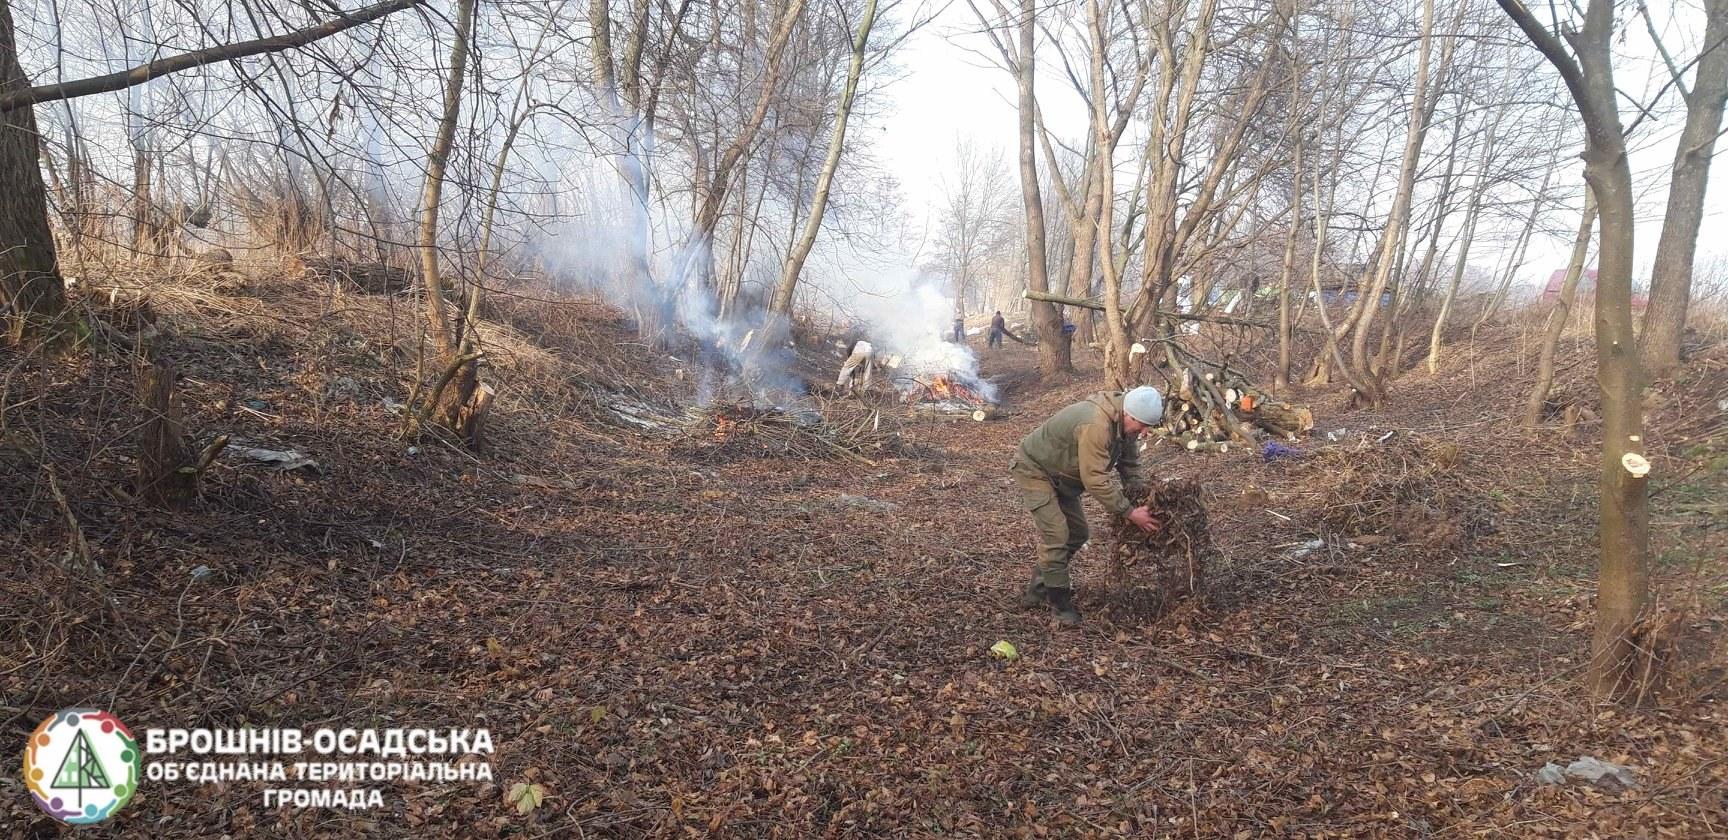 Мешканці прикарпатського села облагородили відпочинкову зону та назбирали дров для малозабезпечених сімей 6